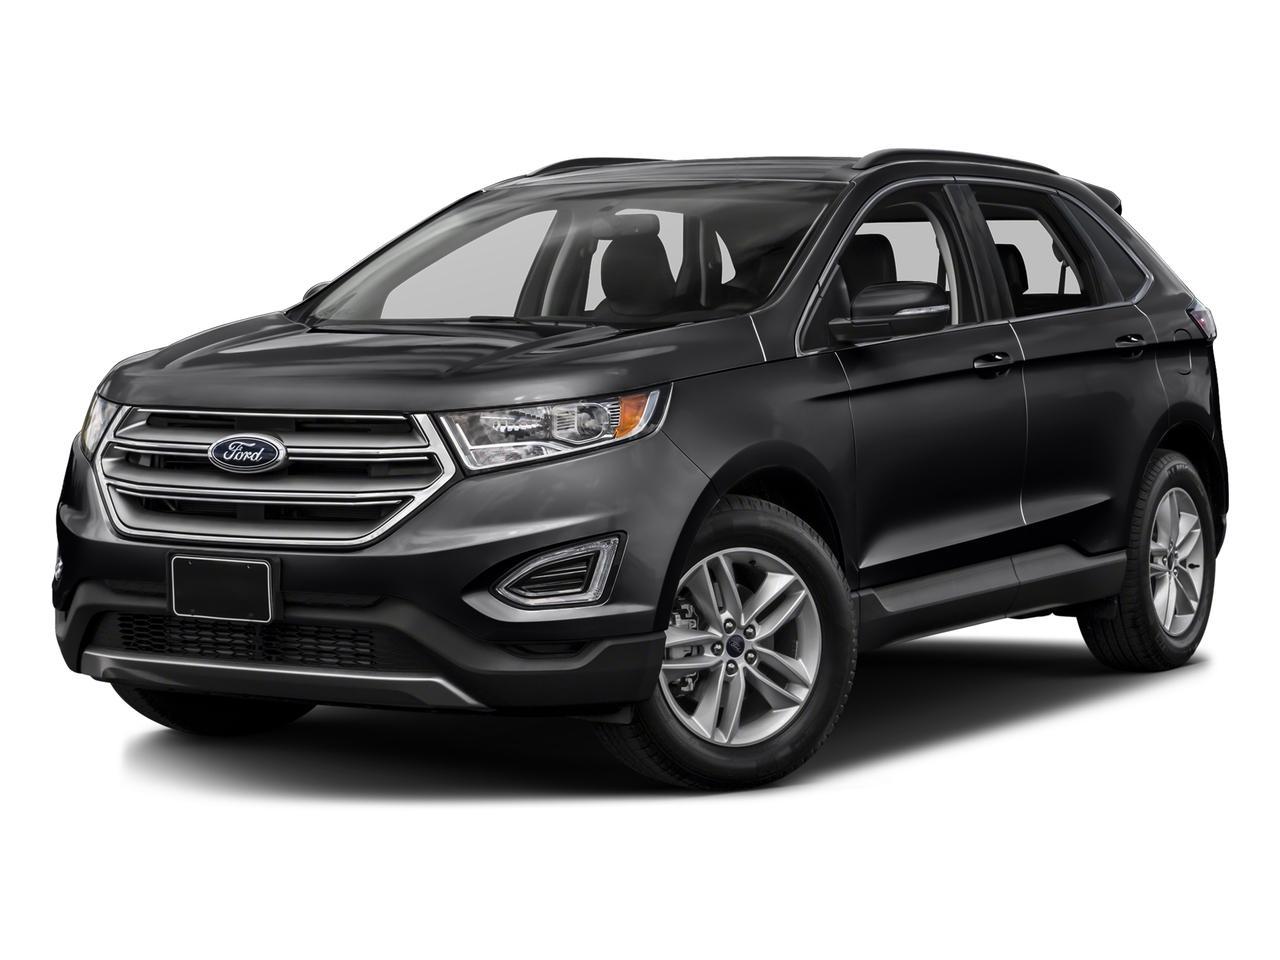 2016 Ford Edge Williamsburg IA